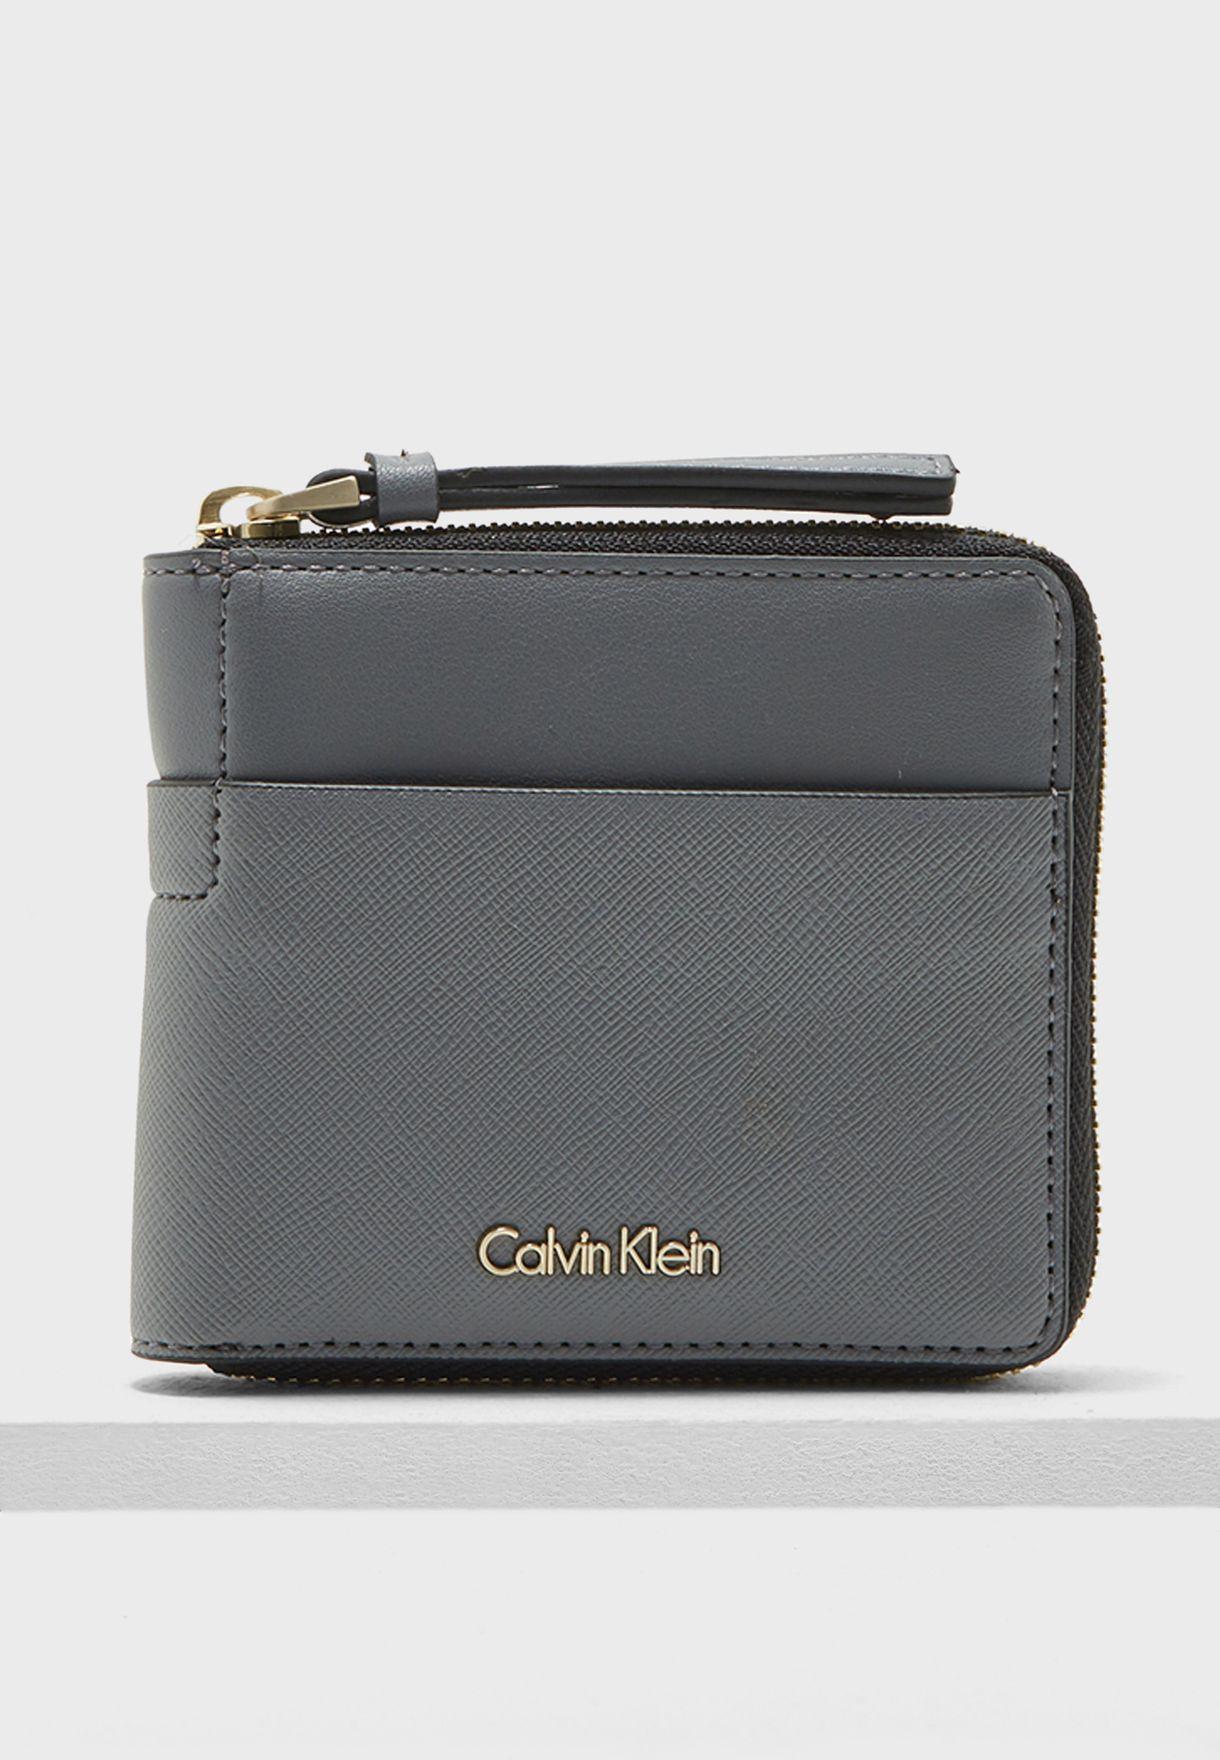 0ff02e5cc8 Shop Calvin Klein grey Small Marissa Zip Around Purse ...